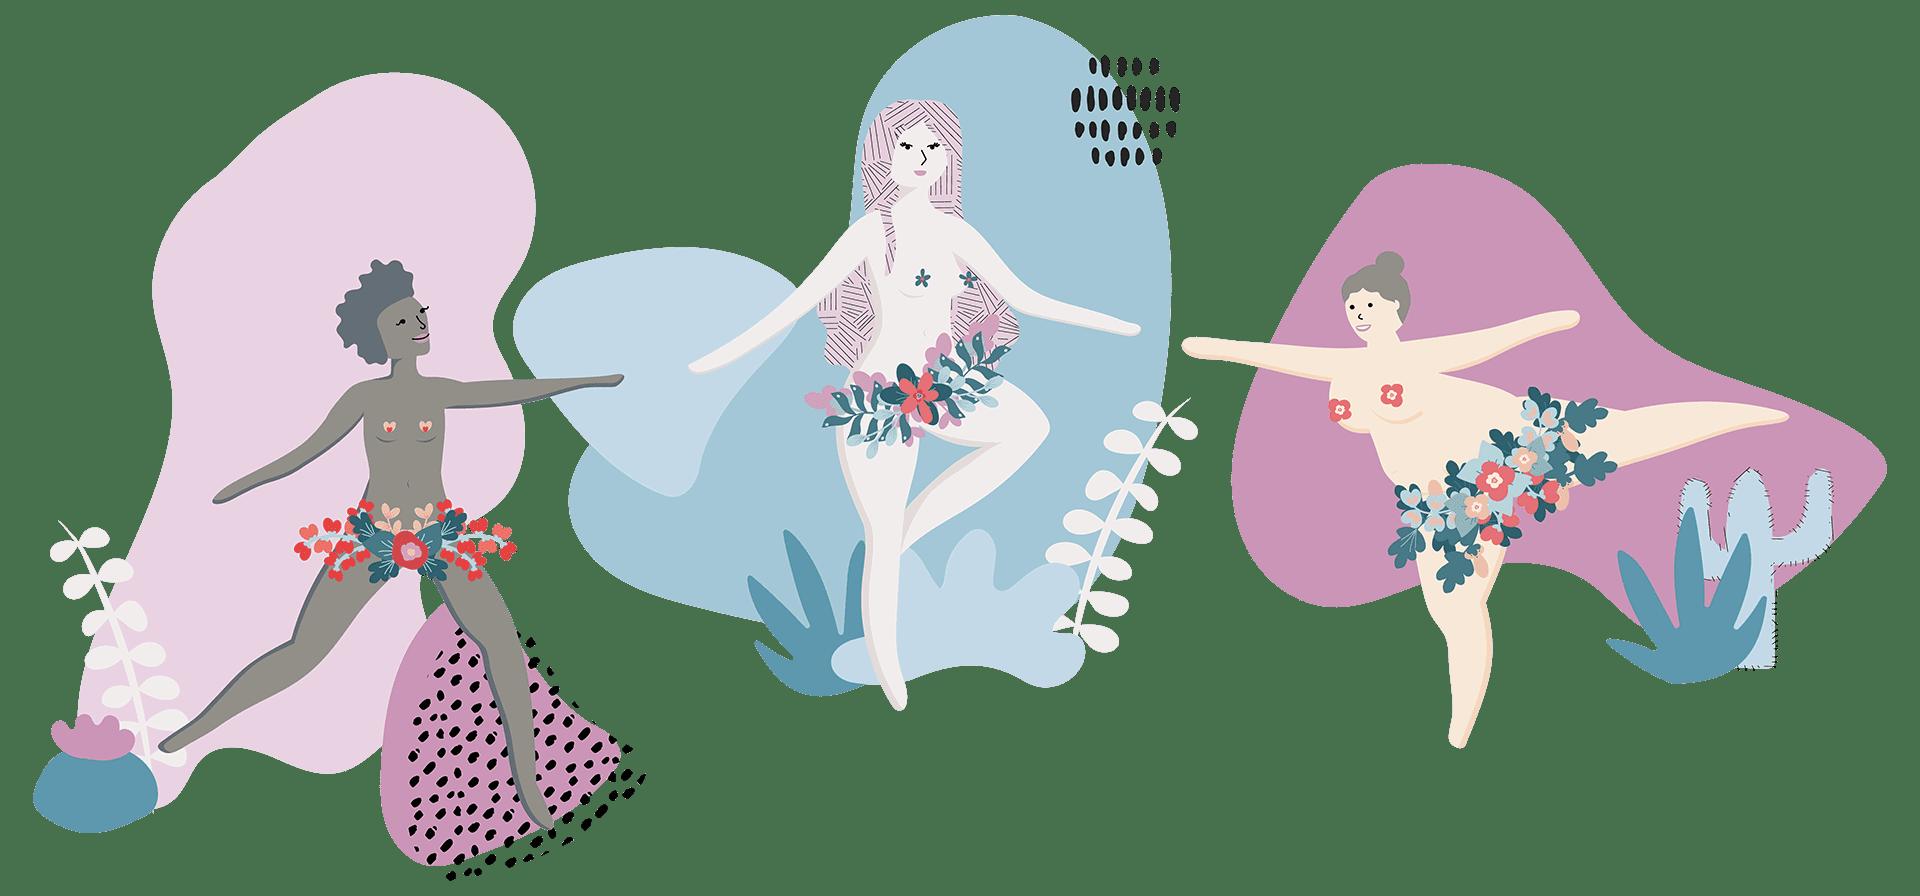 Femme Motion Illustration - Frauen Fitness in Villach - Komposition sportliche Frauen - Selbstvertrauen fürden eigenen Körper